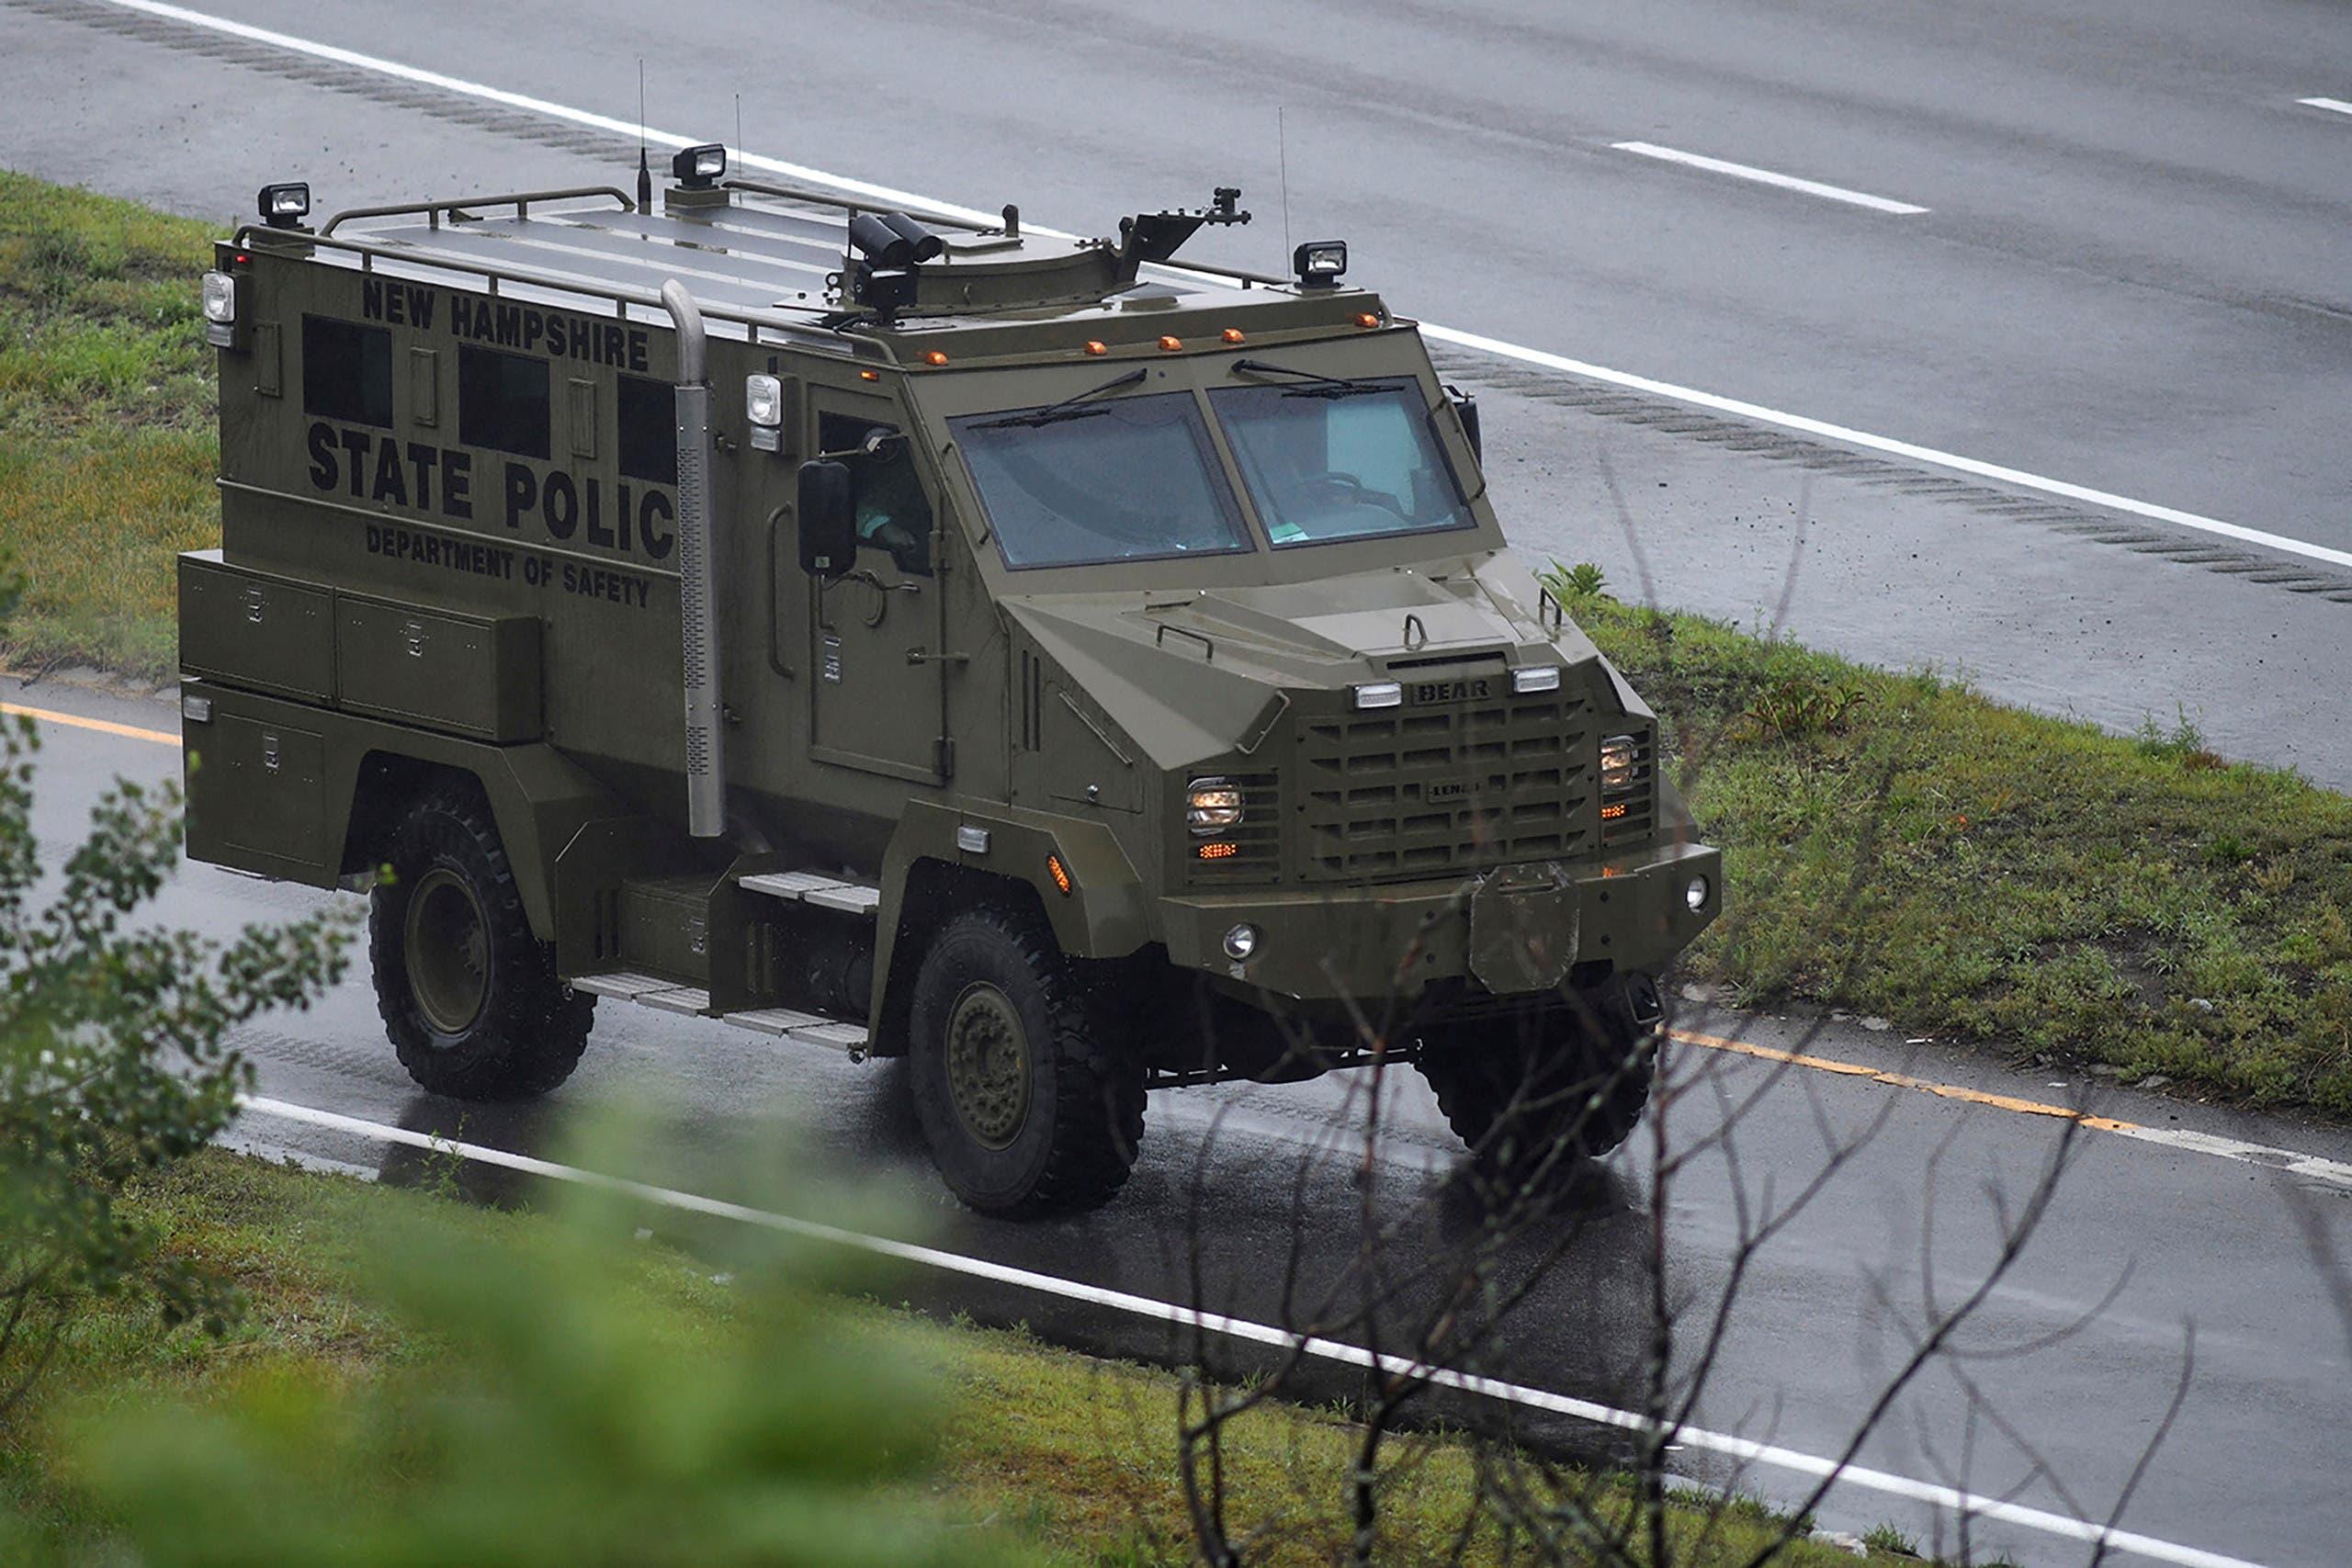 تعزيزات لشرطة ماساشوستس بحثاً عن المشتبه بهم